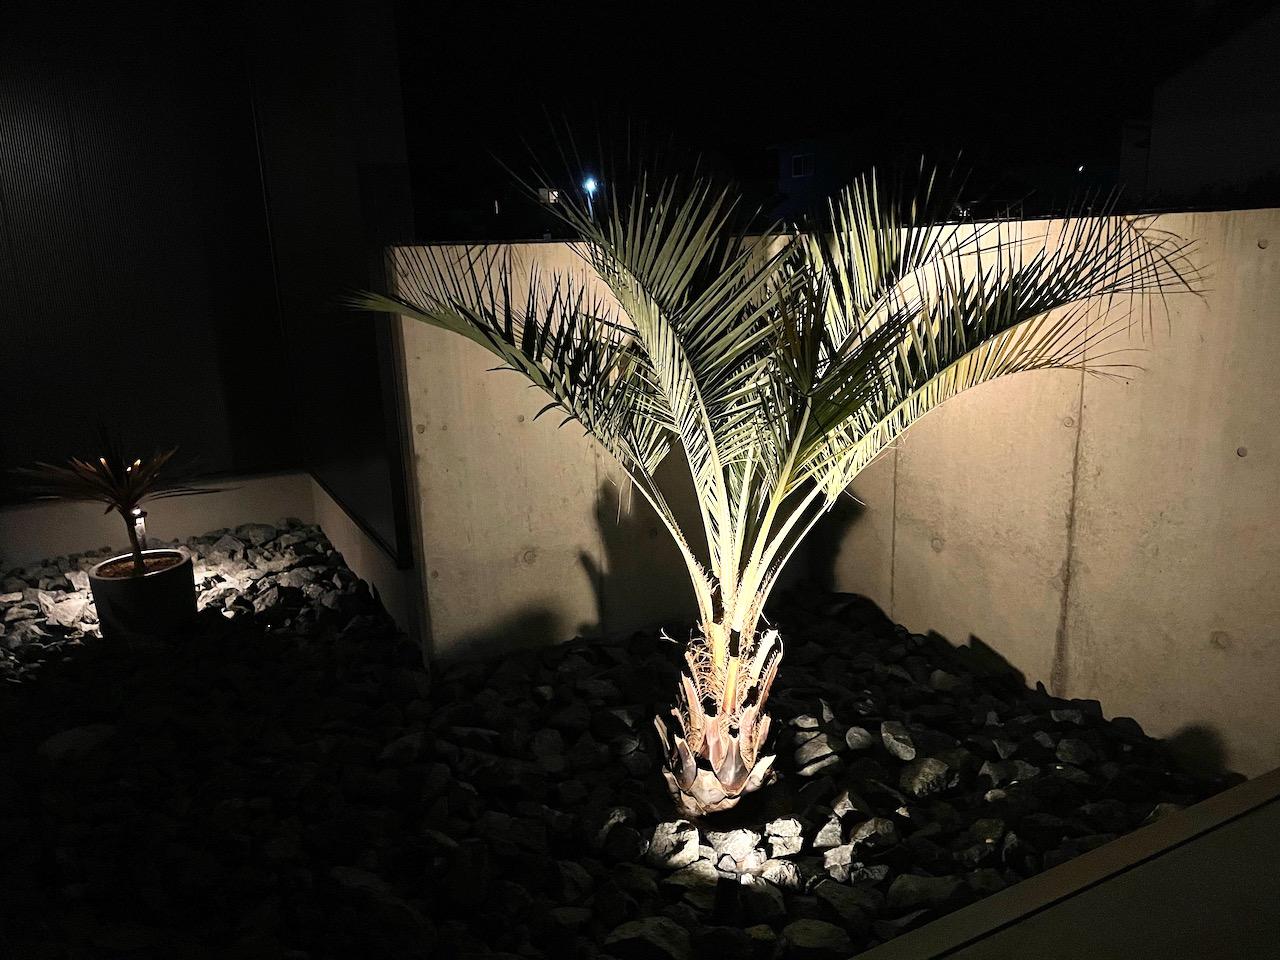 ヤシの木(ココスヤシ)をライティングしてみた